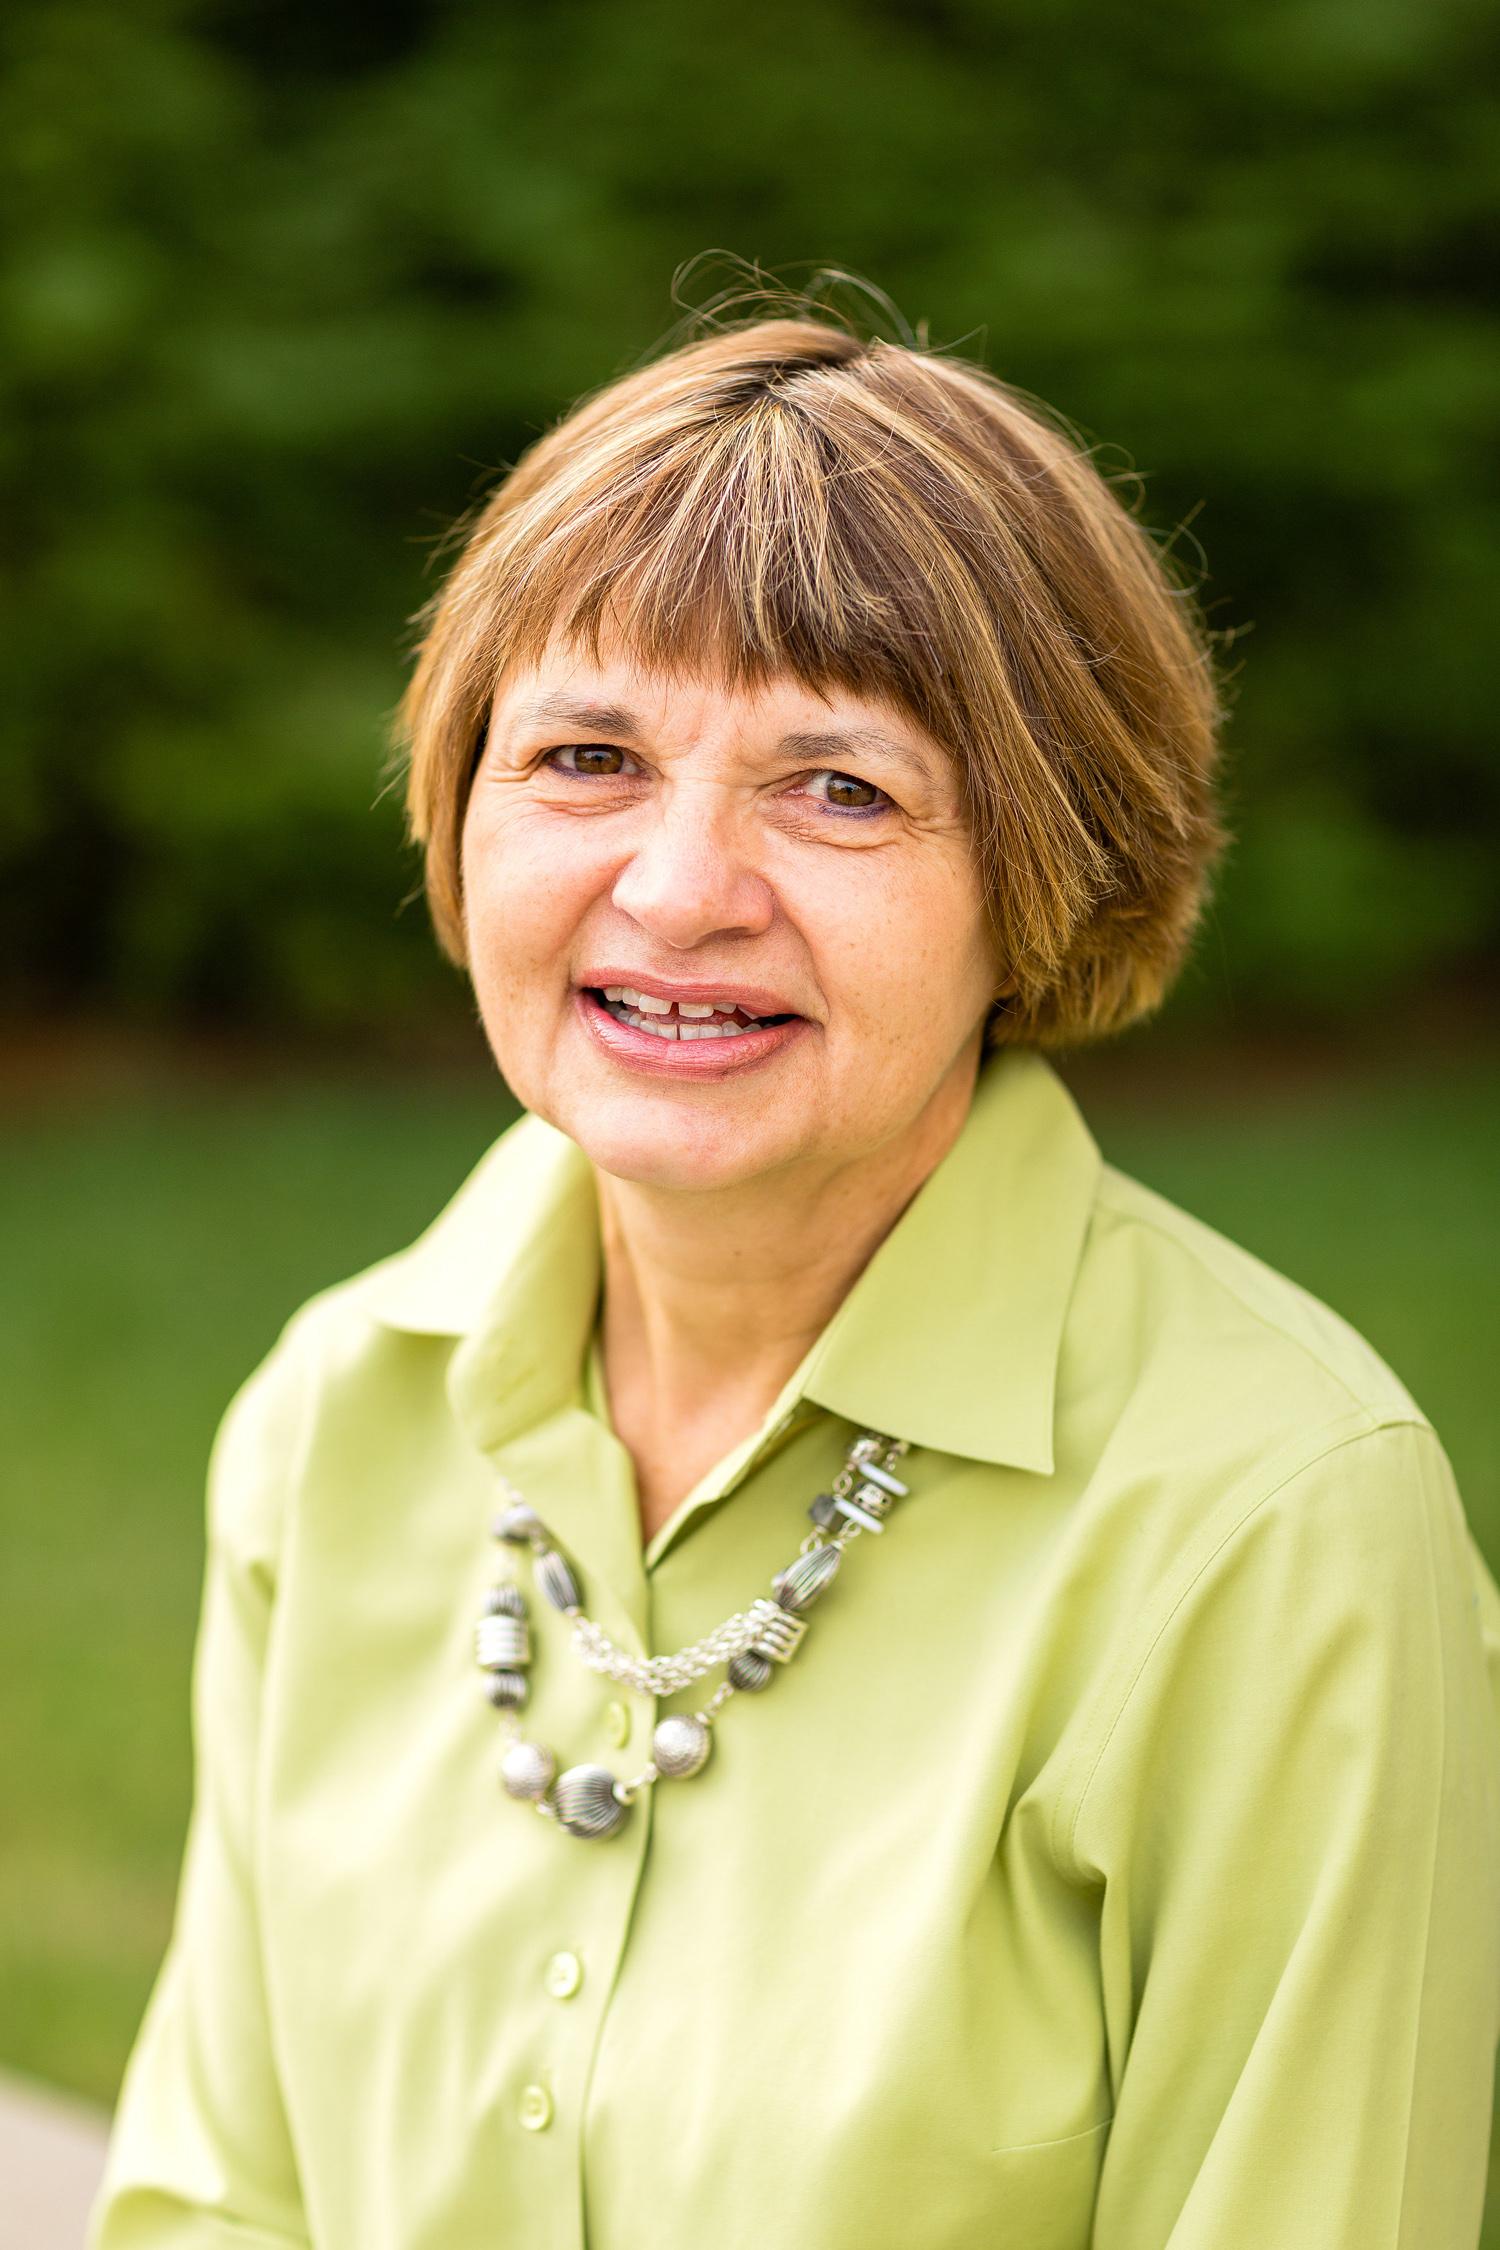 Kathy Oscarlece